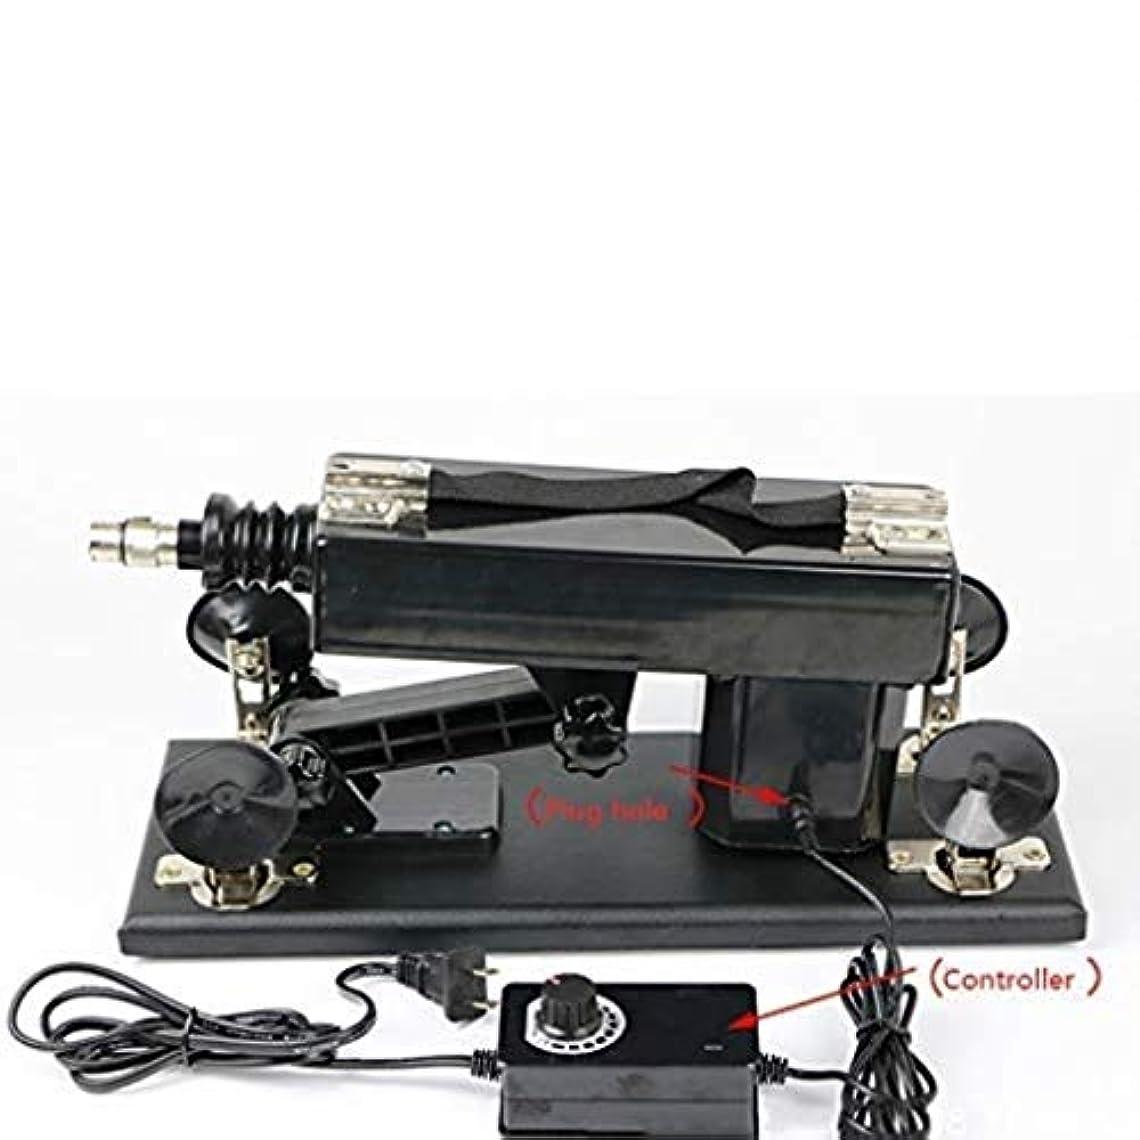 汚い石製造業Risareyi 電気自動大人機械マッサージツール速度と角度すべて制御マルチ角度調整可能な大人のおもちゃ6おもちゃ最高の贈り物